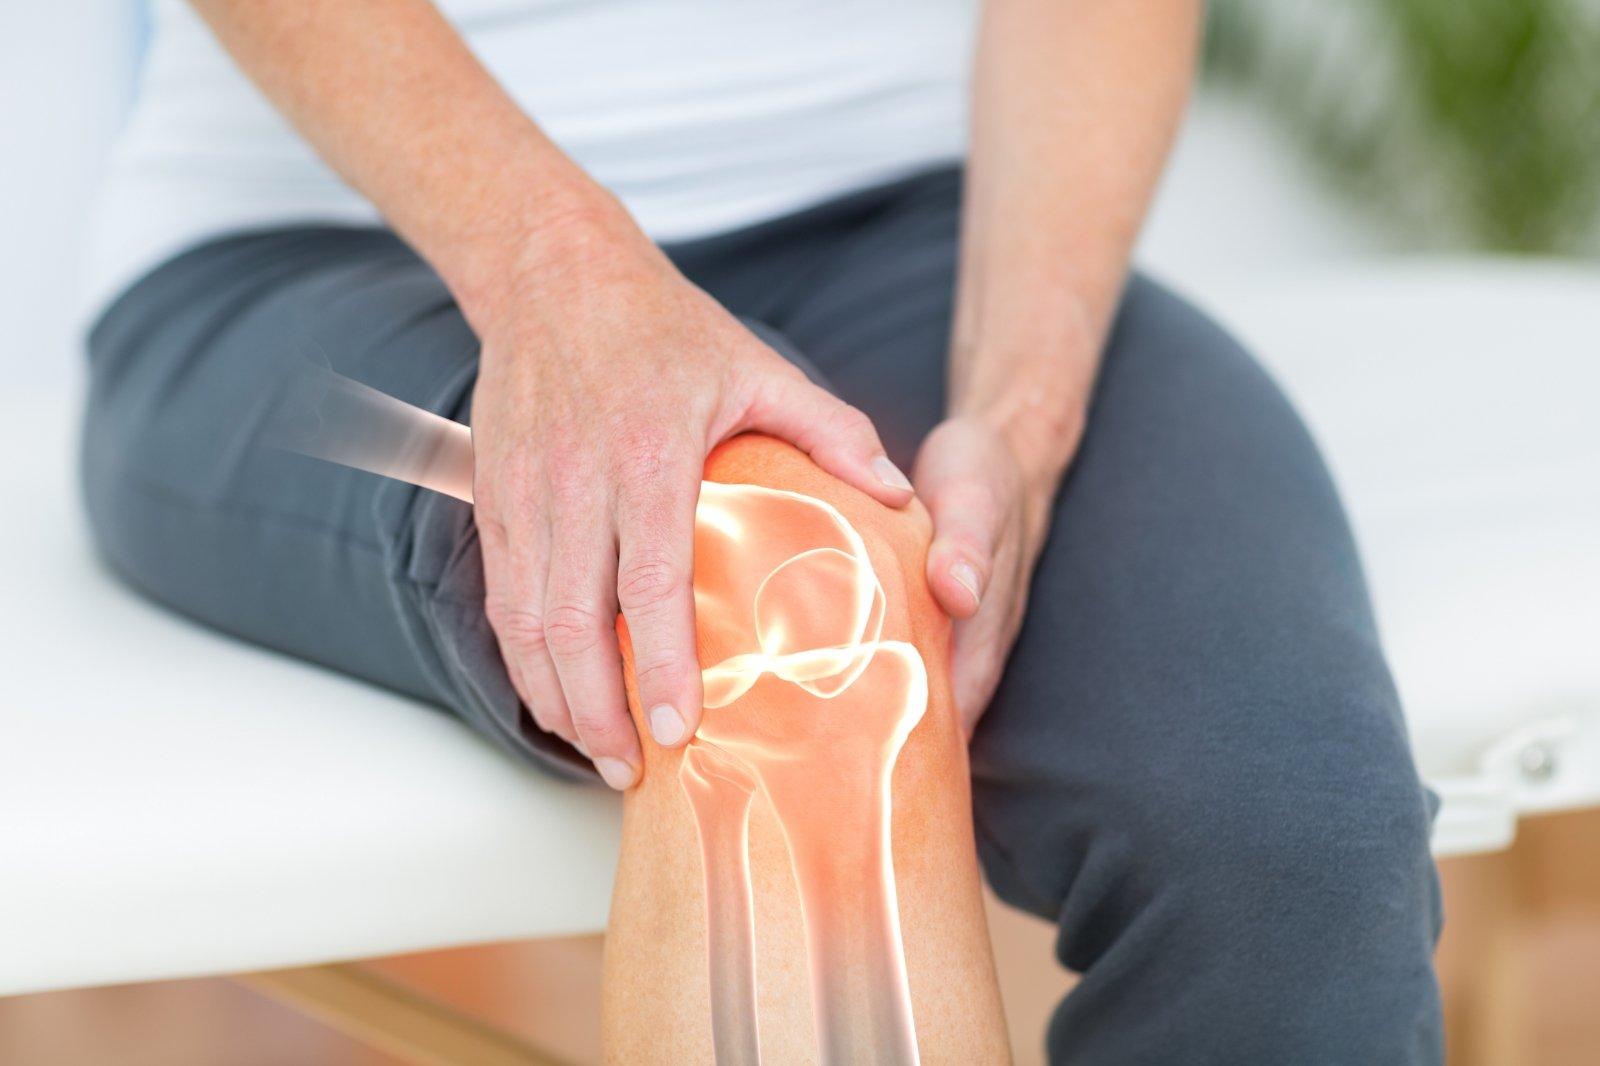 priemonė sąnarių sąnarių ir kaulų jau mėnesį skauda peties sąnario